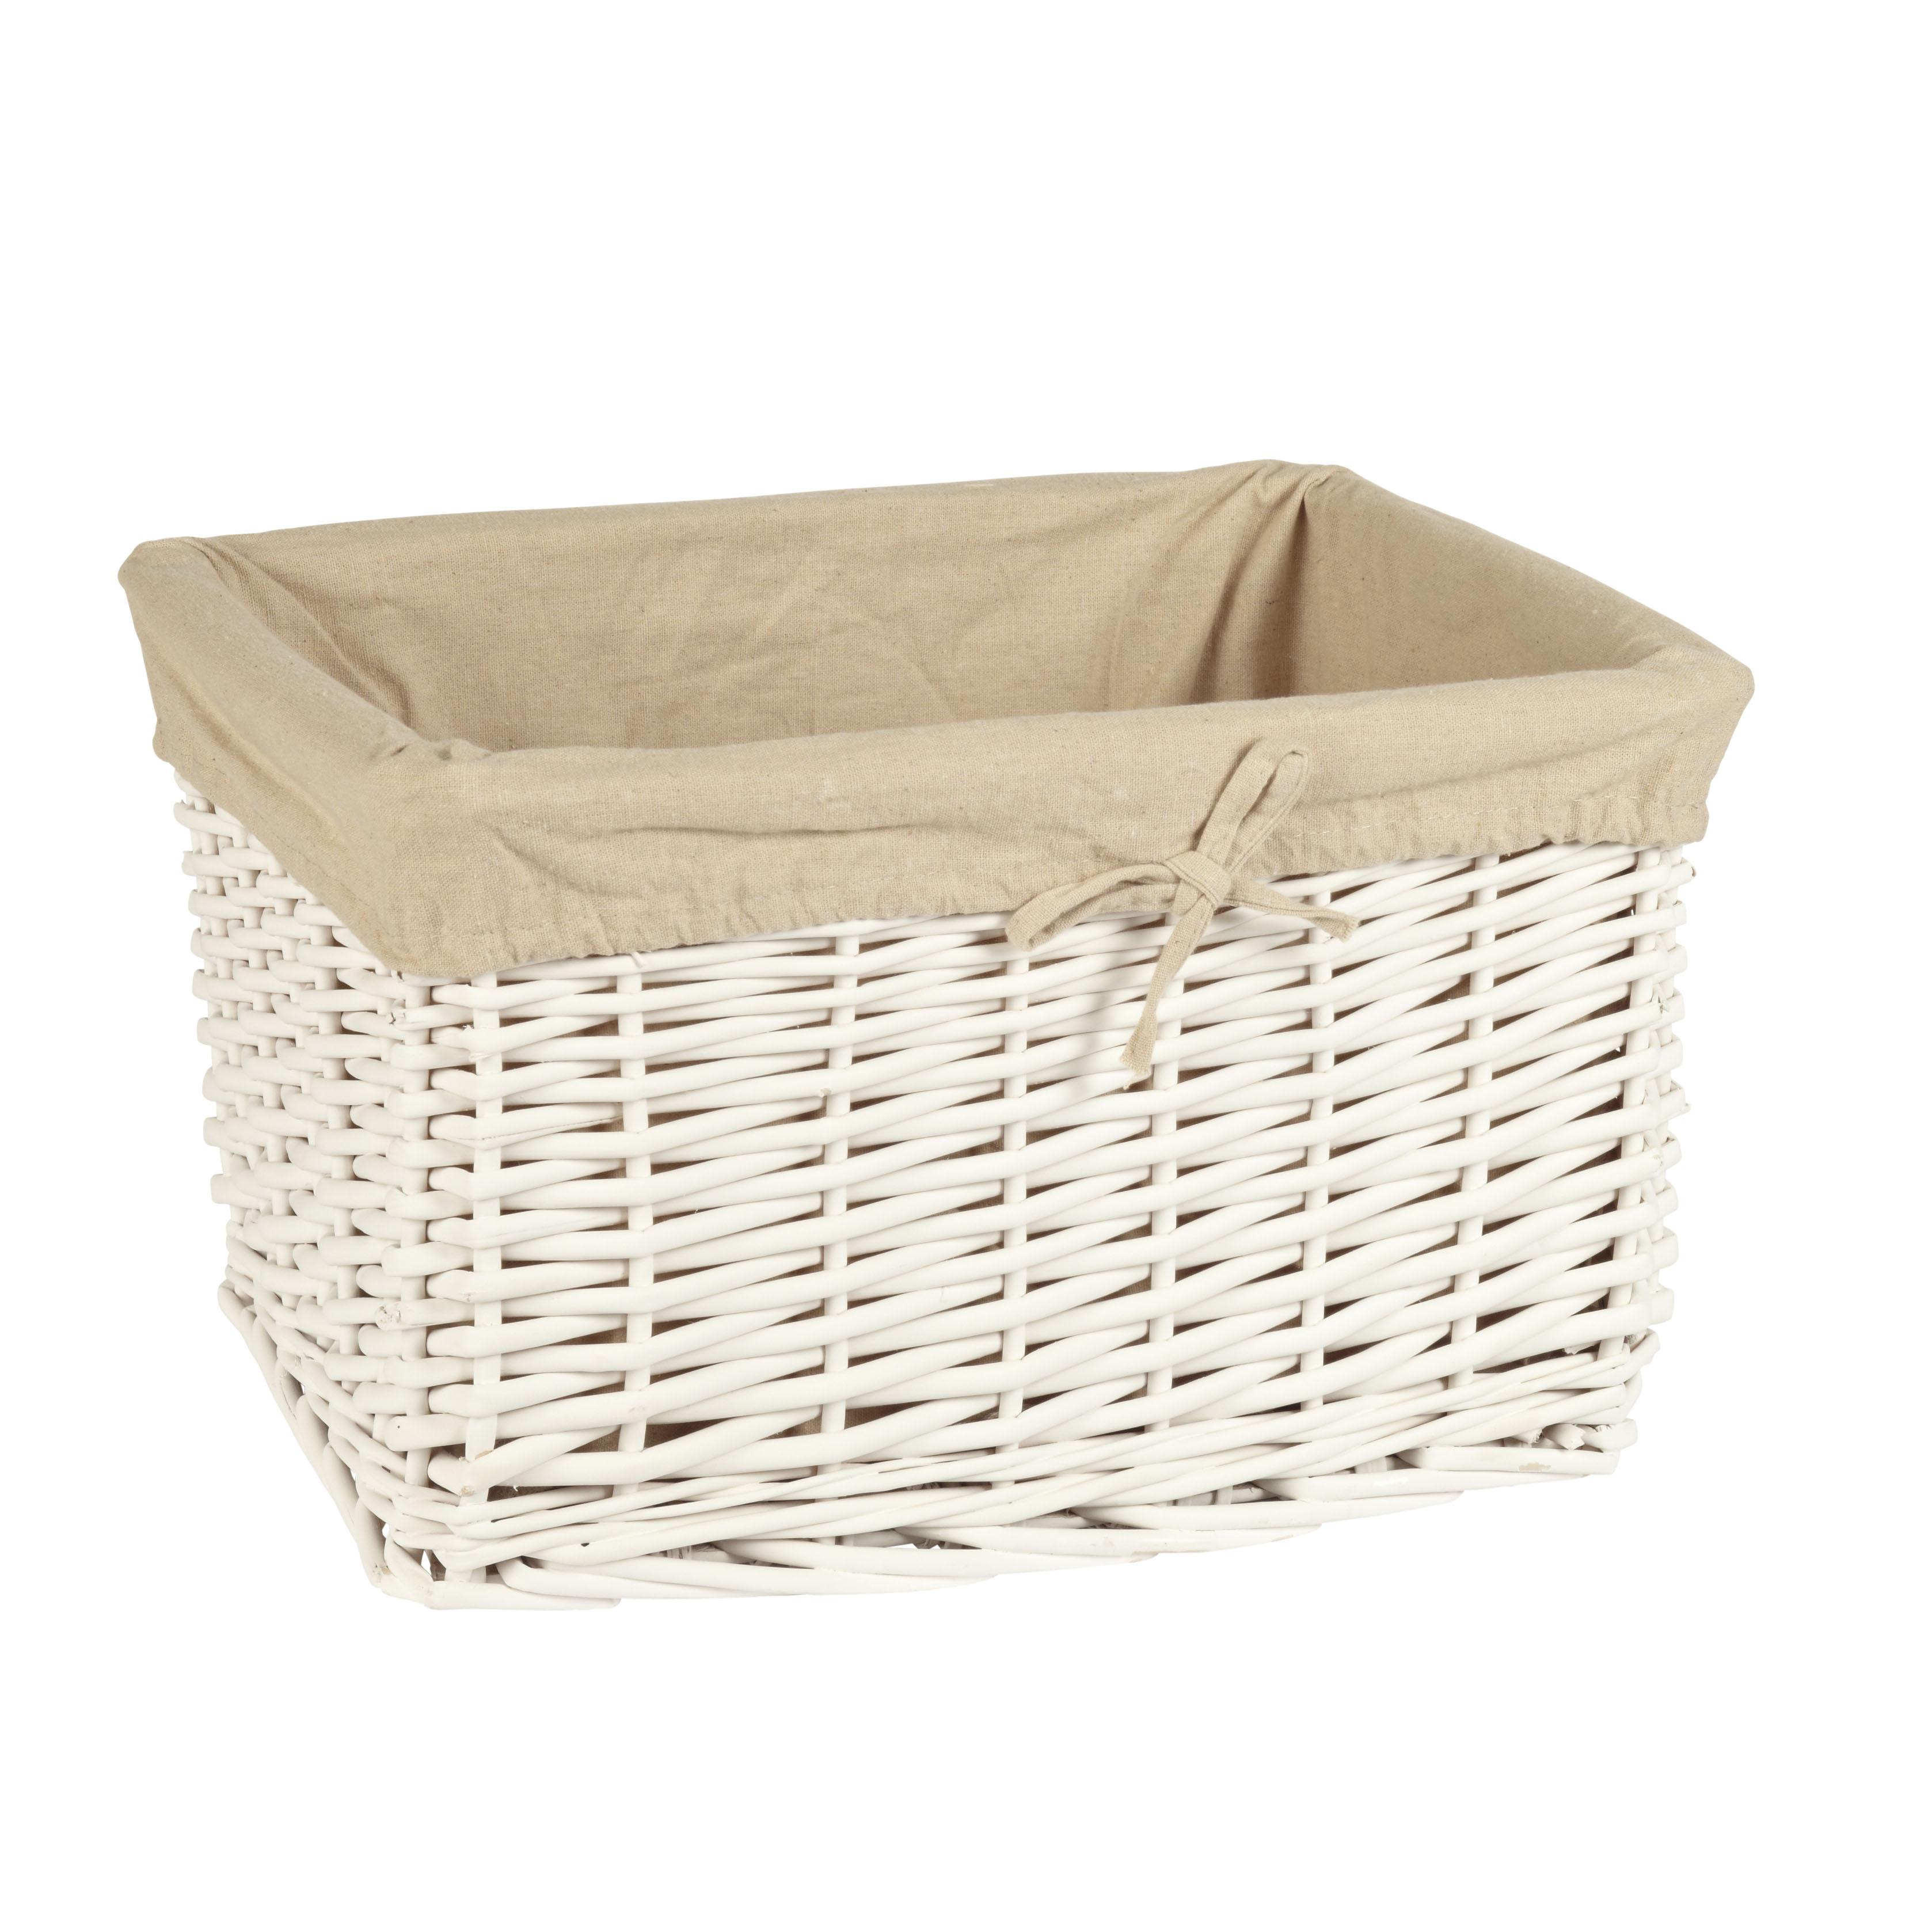 cesta de mimbre blanca con forro de tela 30 20 18cm